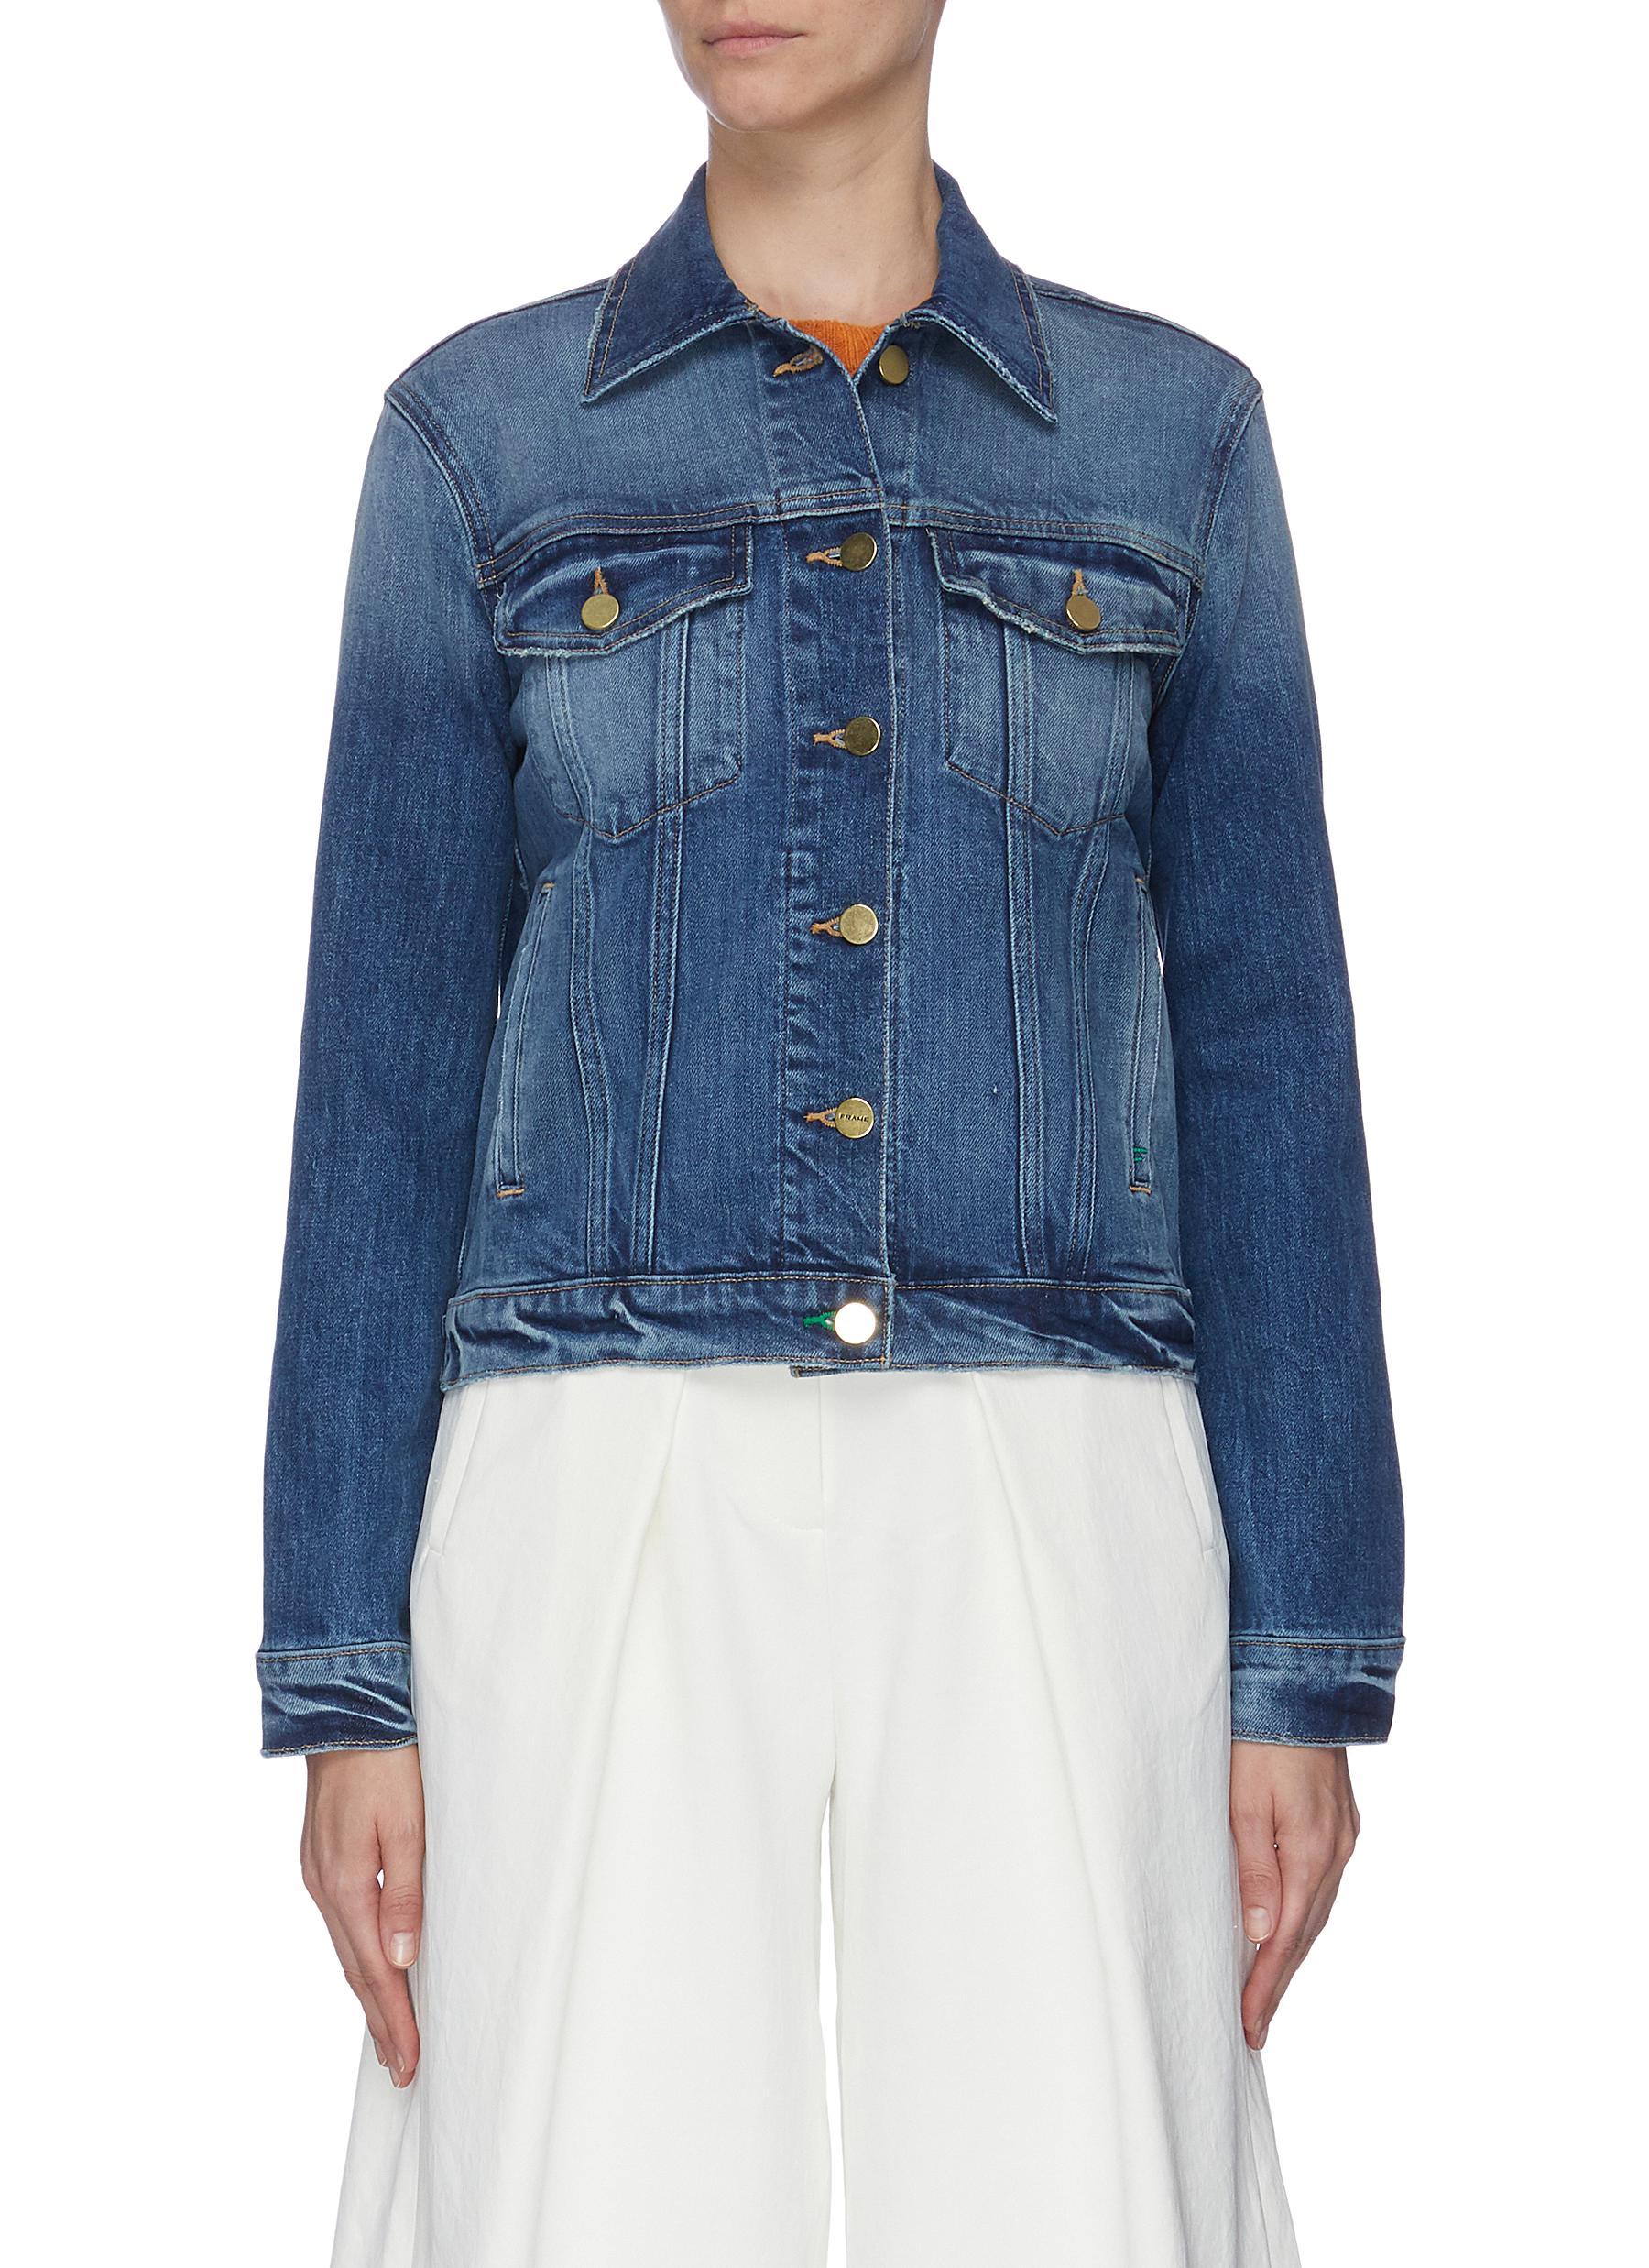 Buy Frame Denim Jackets 'Le Vintage' denim jacket